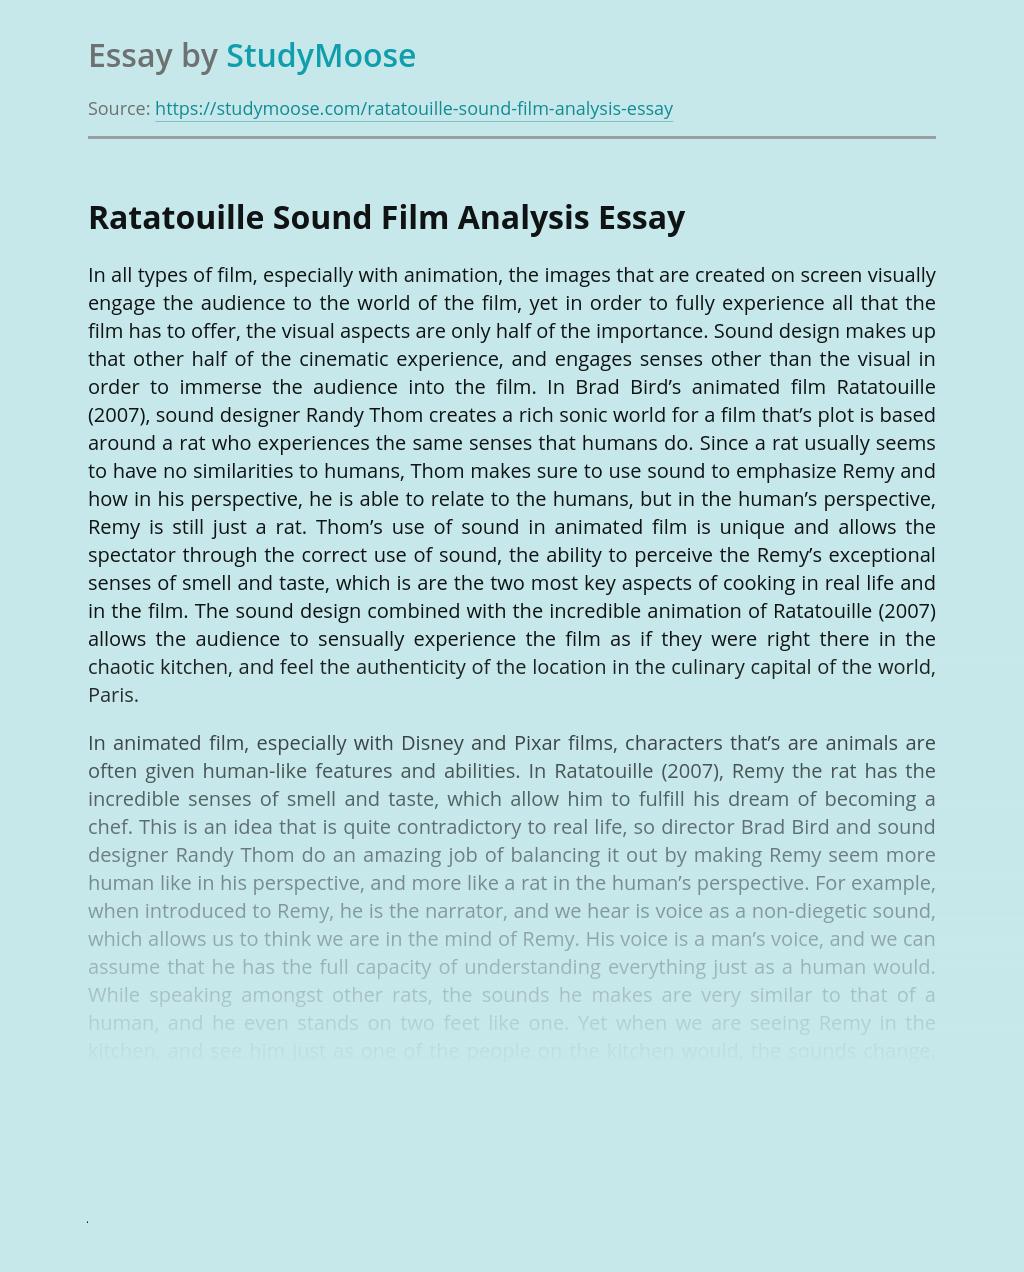 Ratatouille Sound Film Analysis